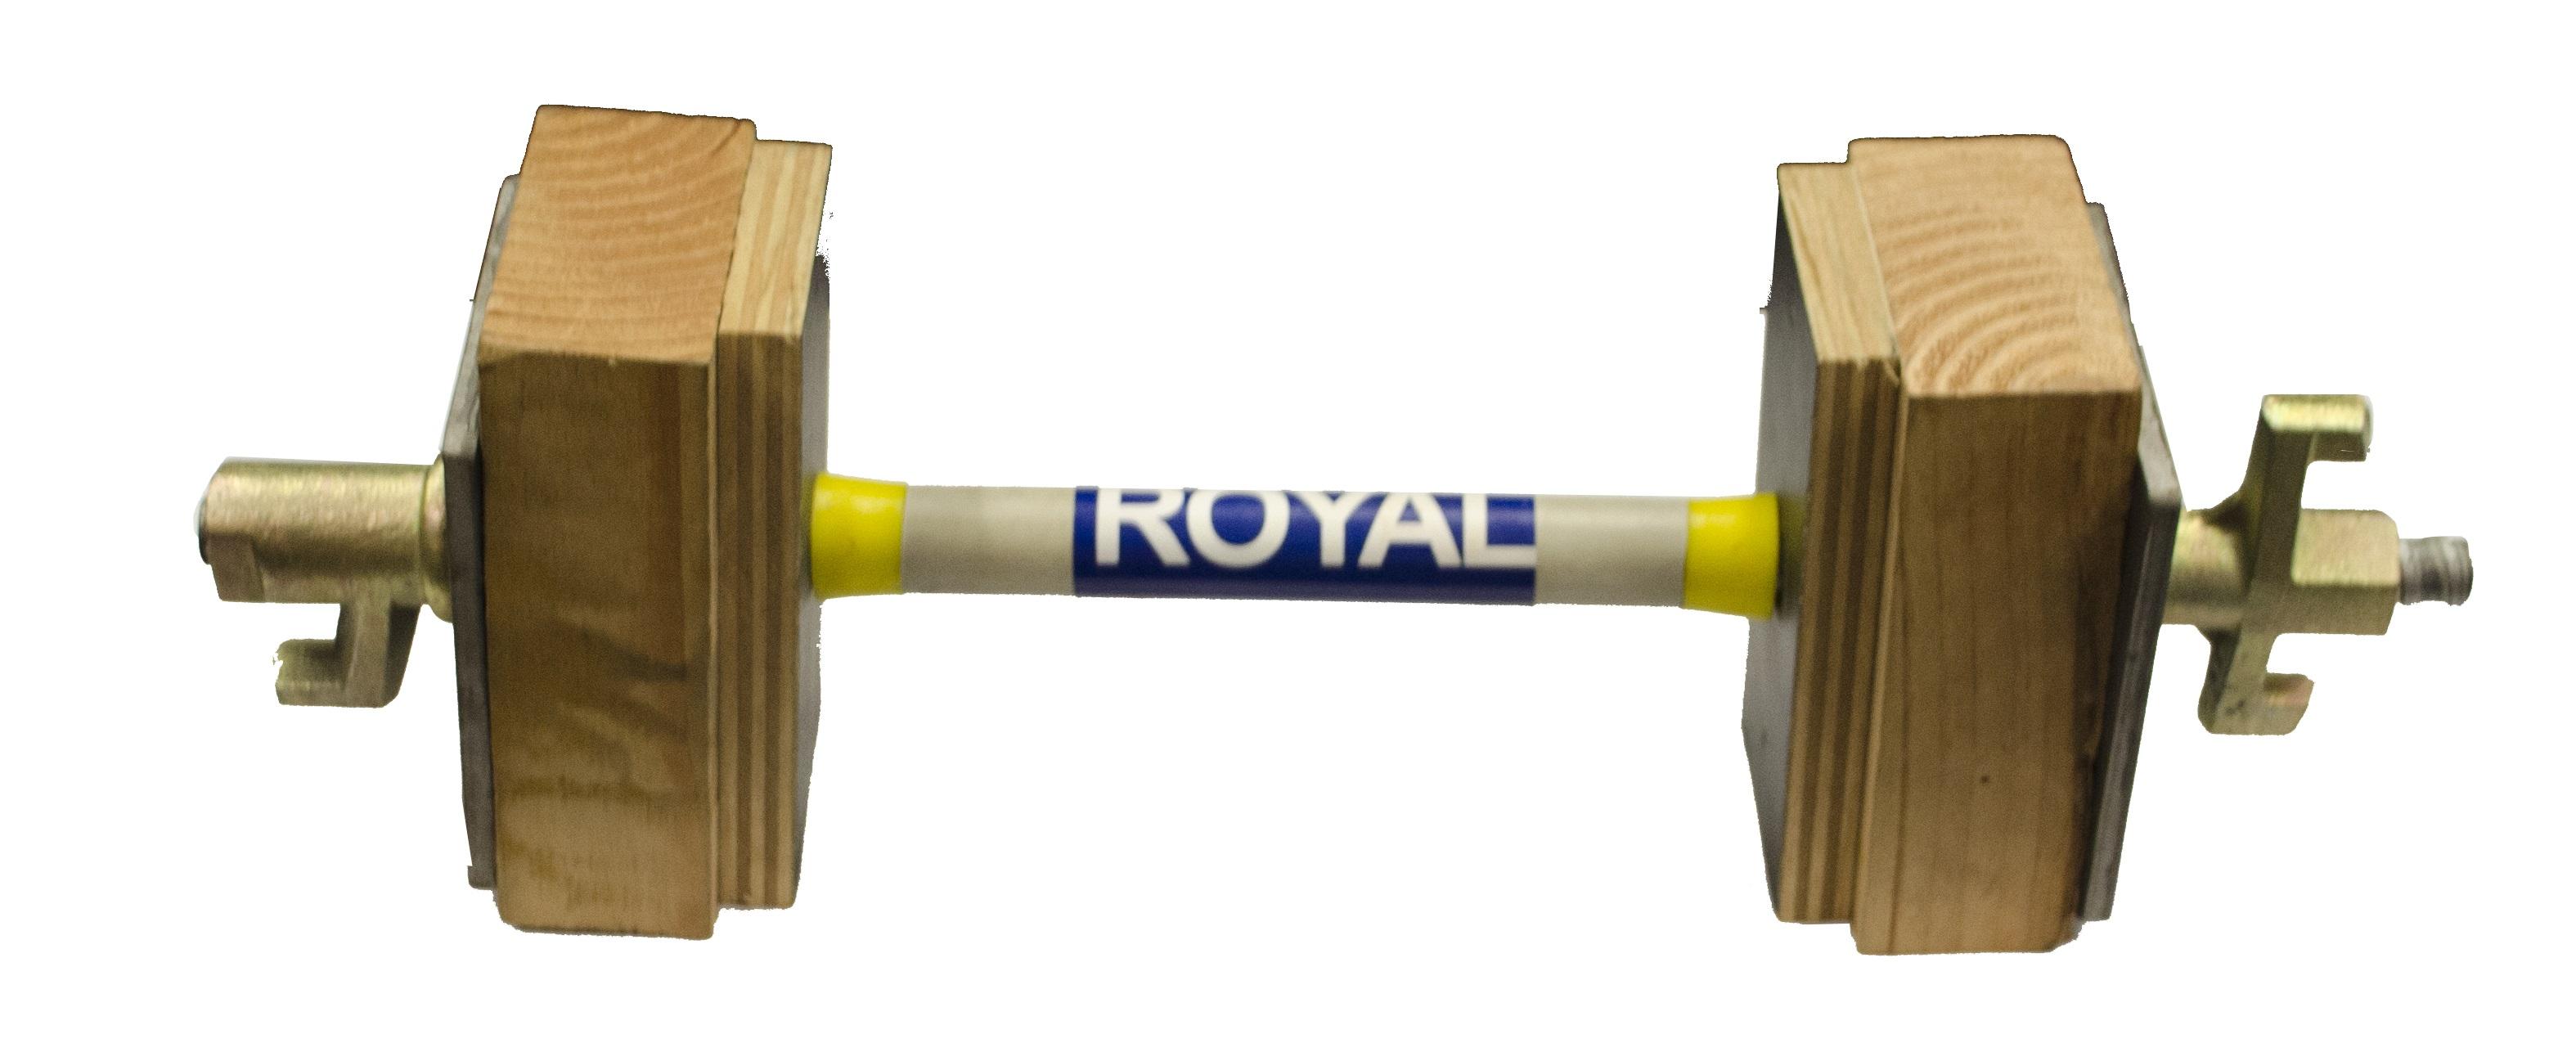 Royal Z Bar Royal Formwork Sales Amp Hire